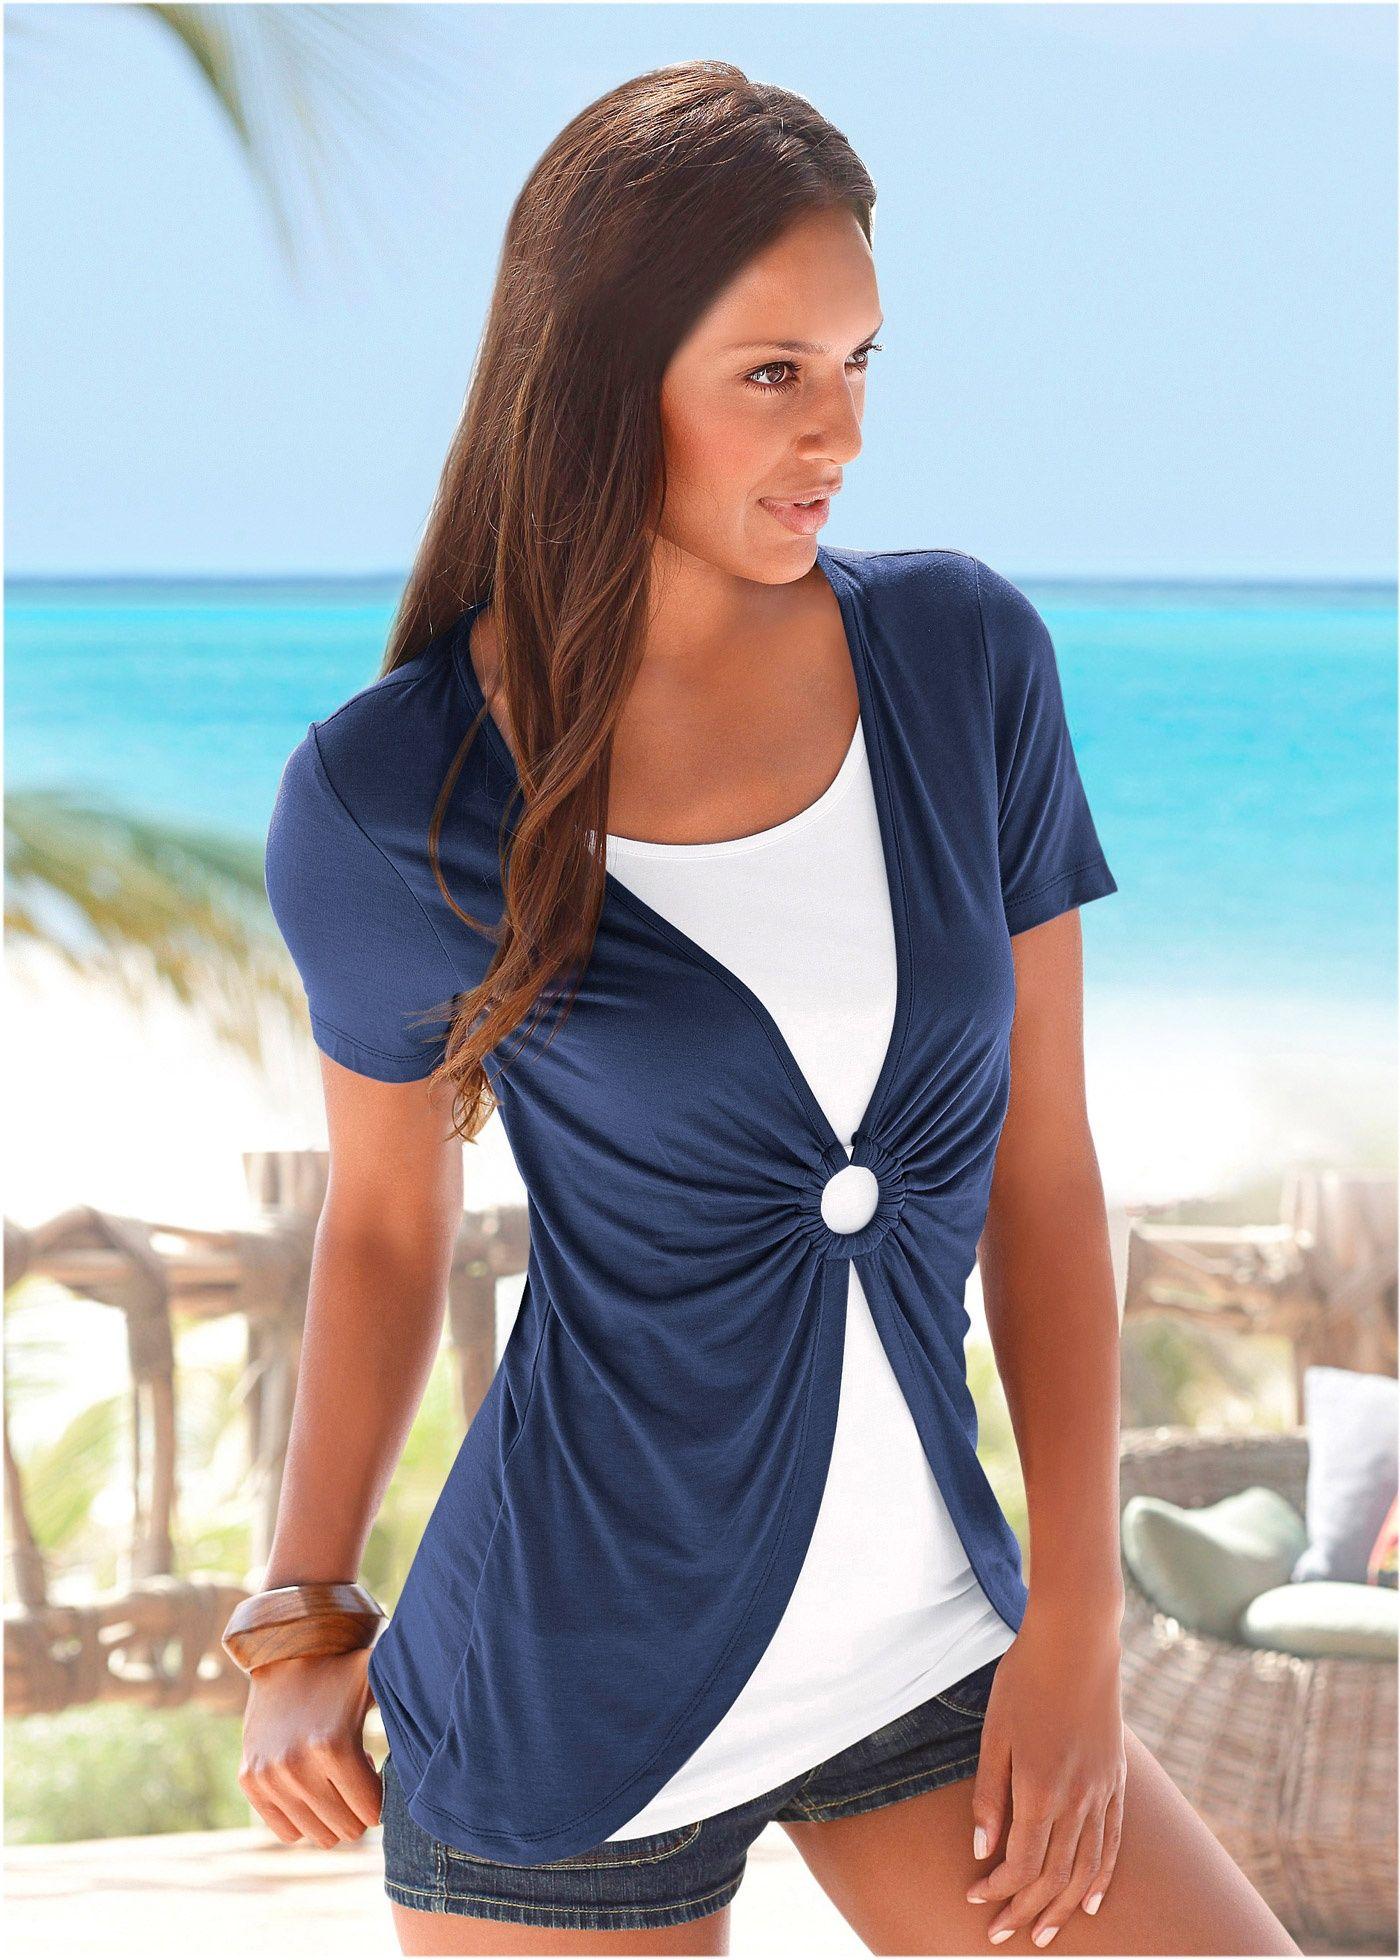 817fcb95d Roupas. Mulheres. Verão. Blusa azul marinho branco encomendar agora na loja  on-line bonprix.de R